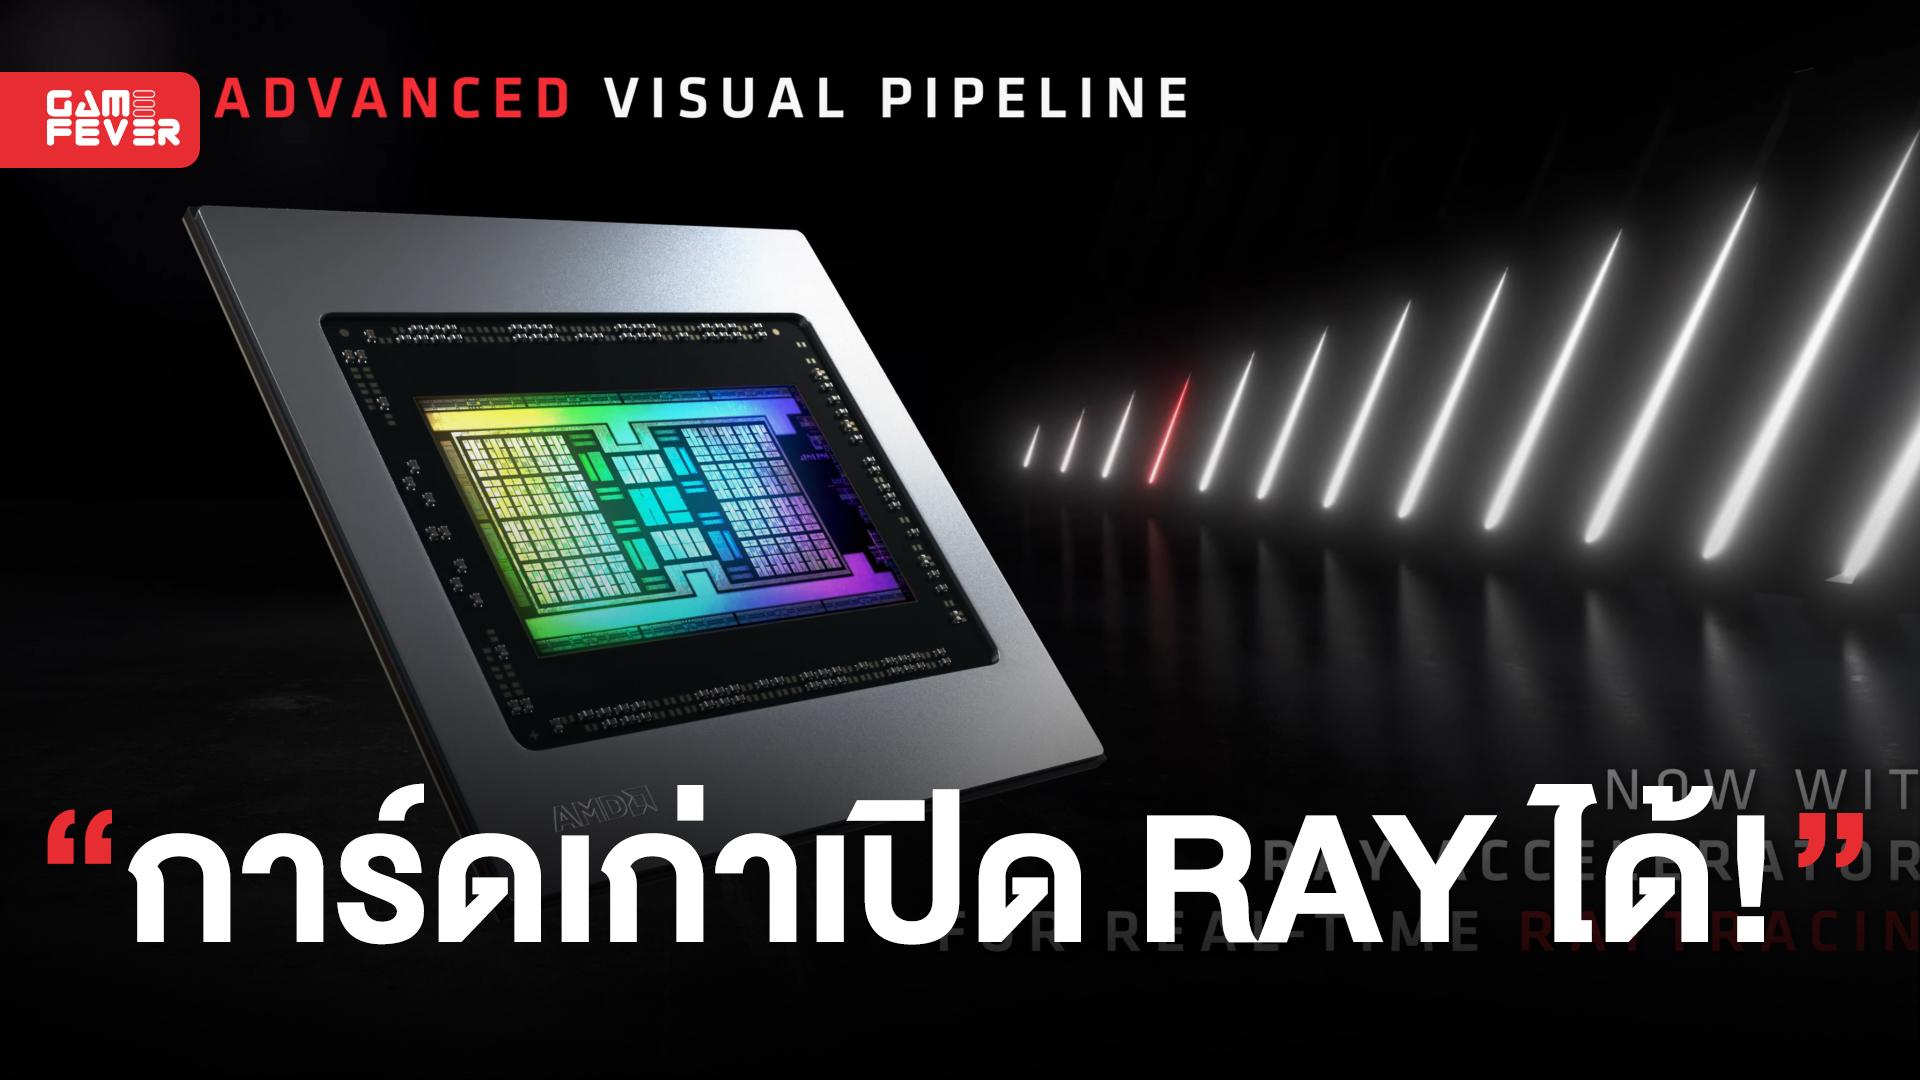 การ์ดจอรุ่นเก่าของ AMD ได้รับการสนับสนุนให้ใช้งาน Ray Tracing ได้แล้วผ่าน Mesa3D!